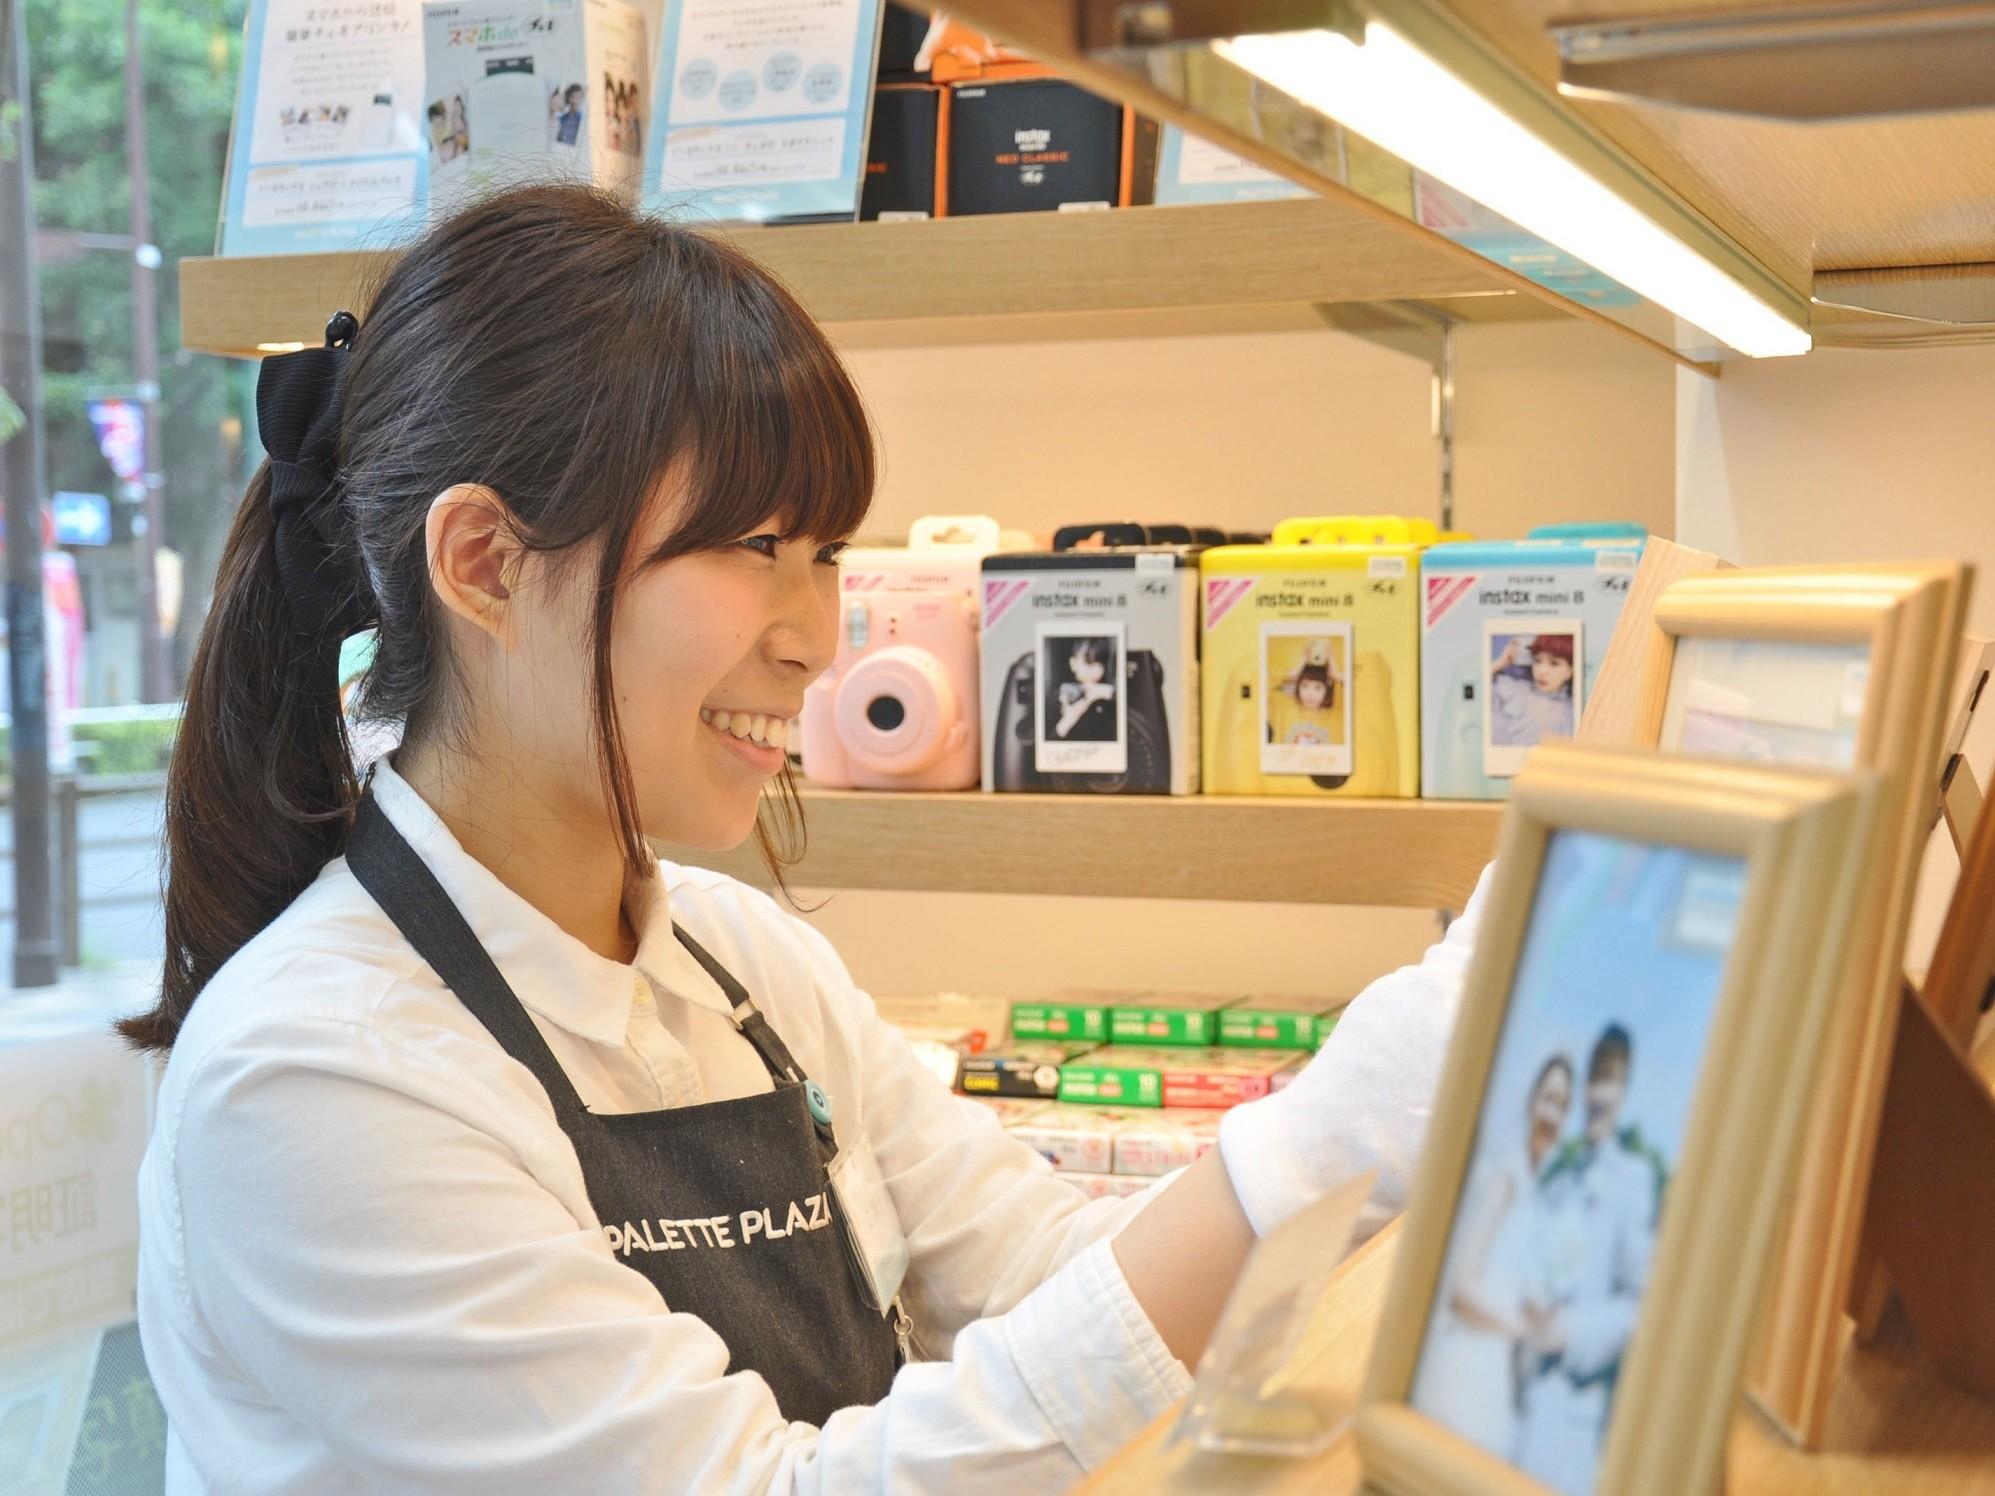 パレットプラザ 西友鶴ヶ峰店 のアルバイト情報